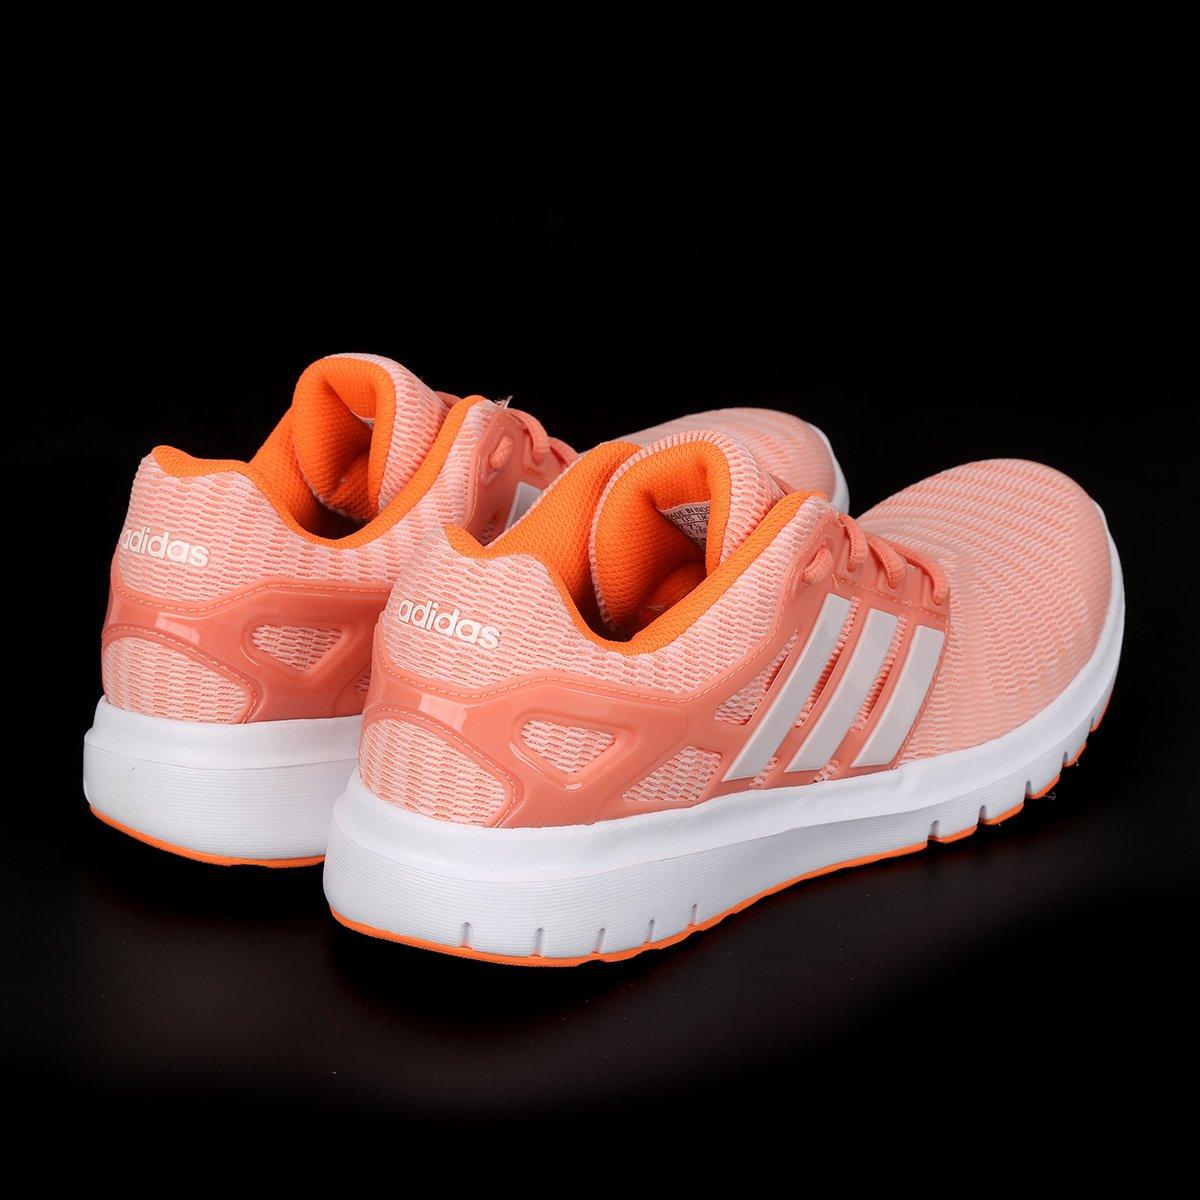 Tênis Adidas Energy Cloud V Feminino - Coral - Compre Agora  4df87f029f20d